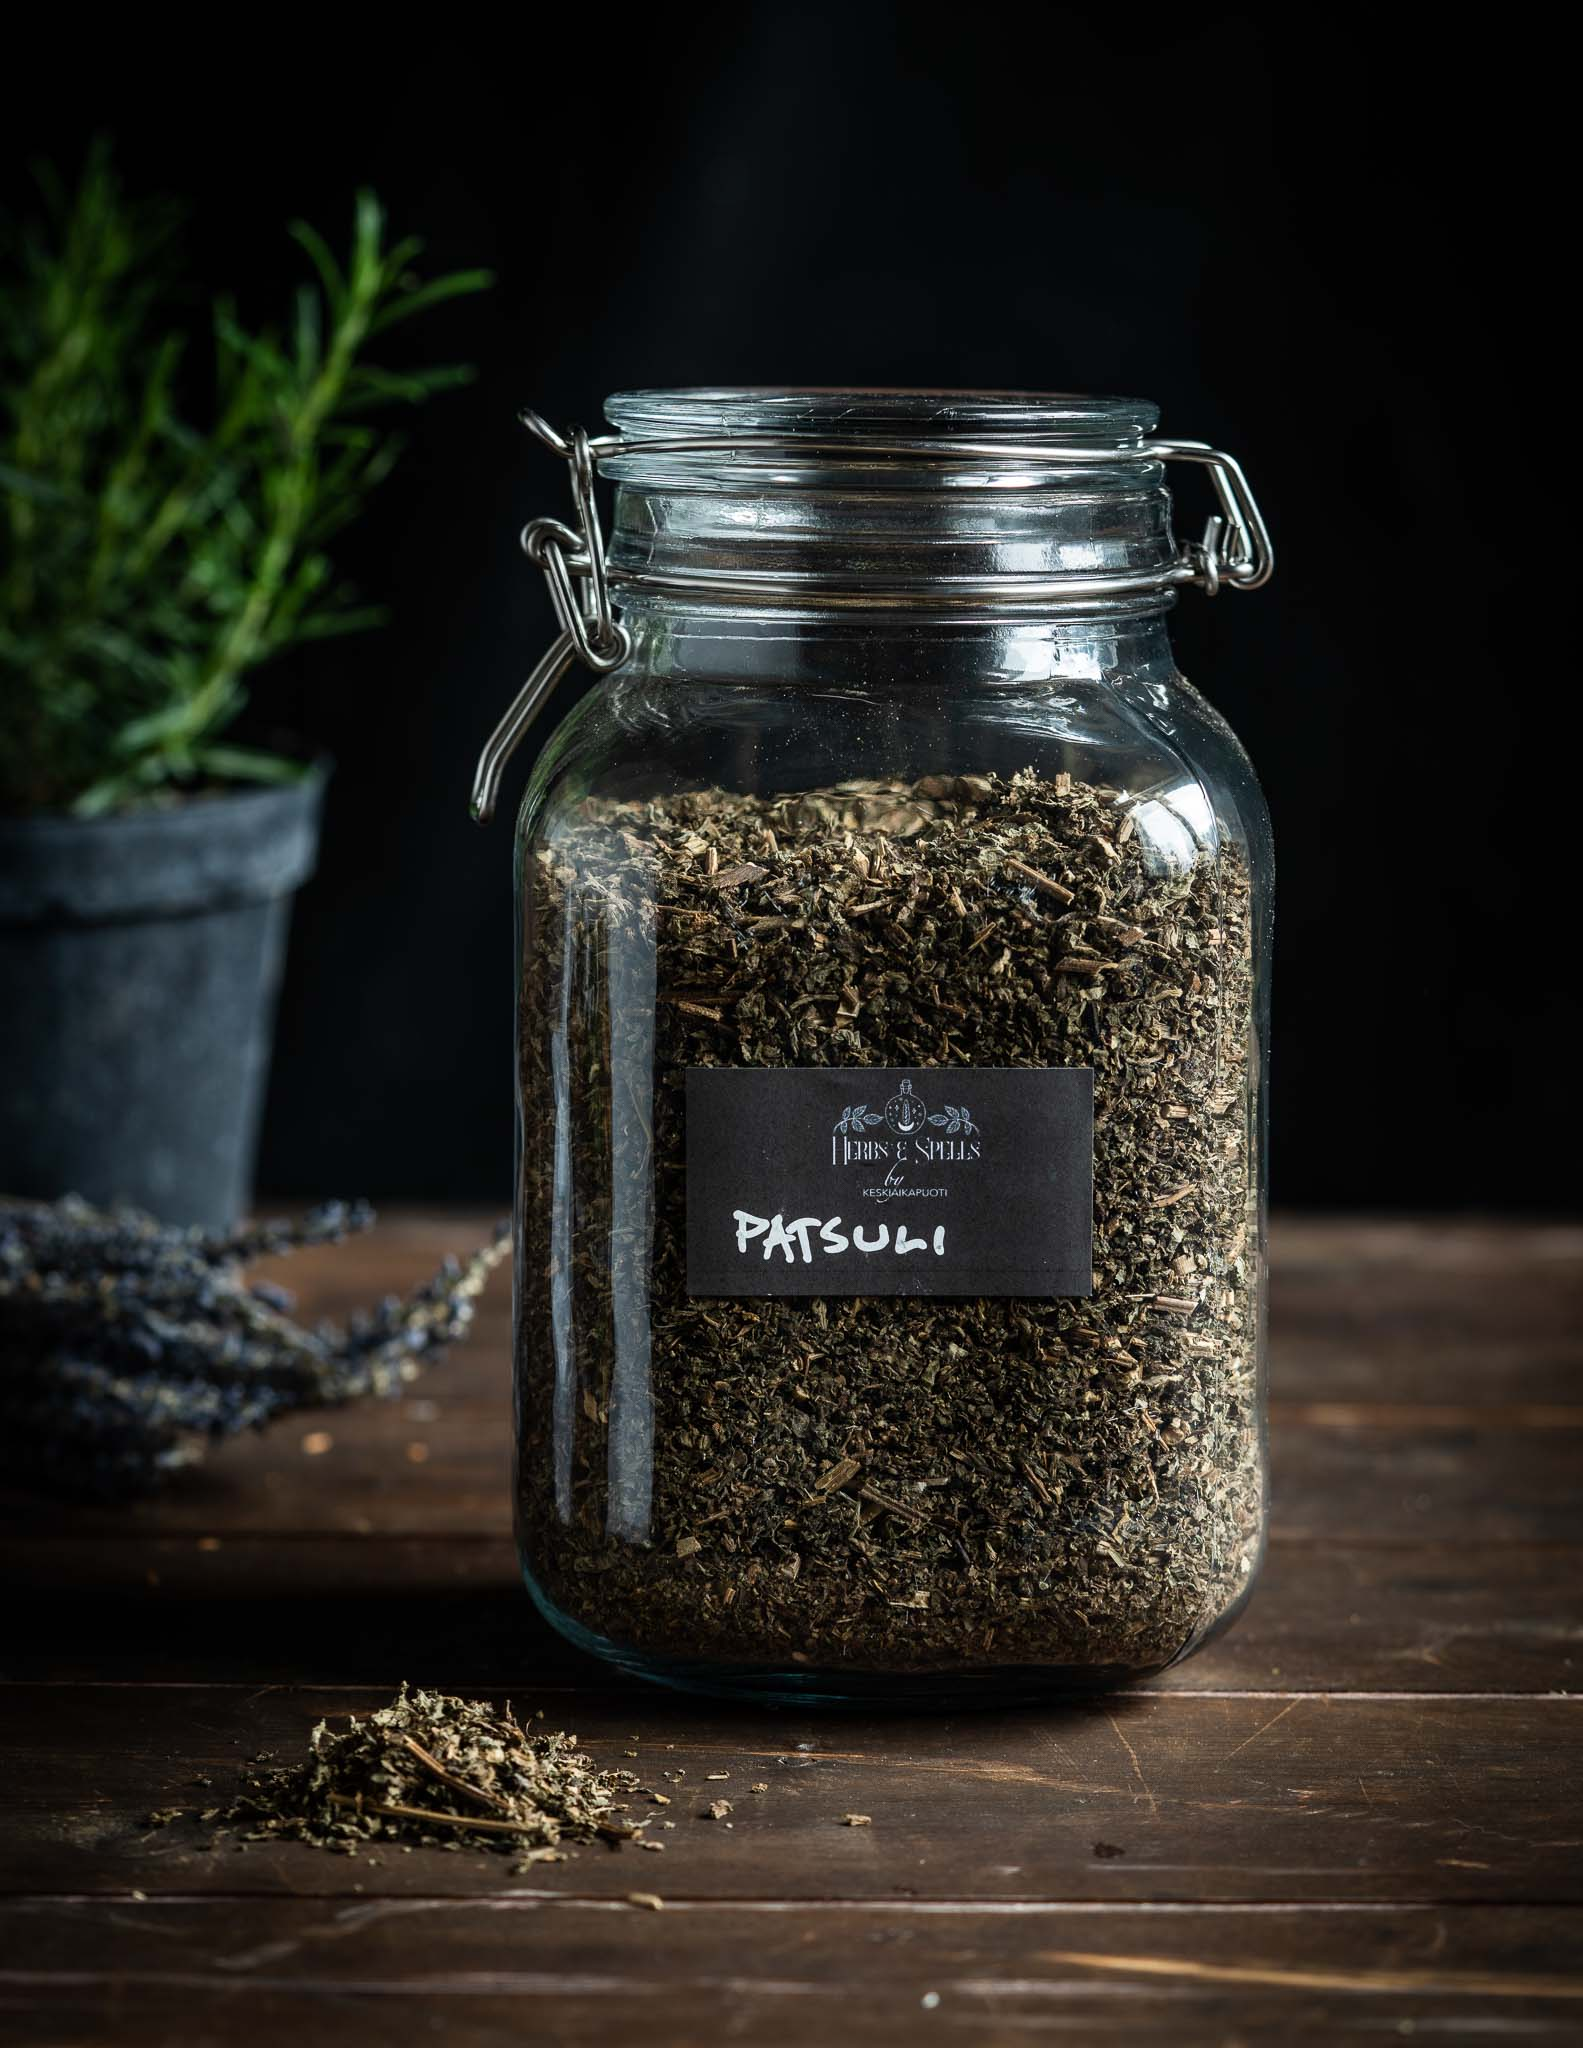 Patsuli - Pogostemon cablin (Herbs&Spell by keskiaikapuoti)